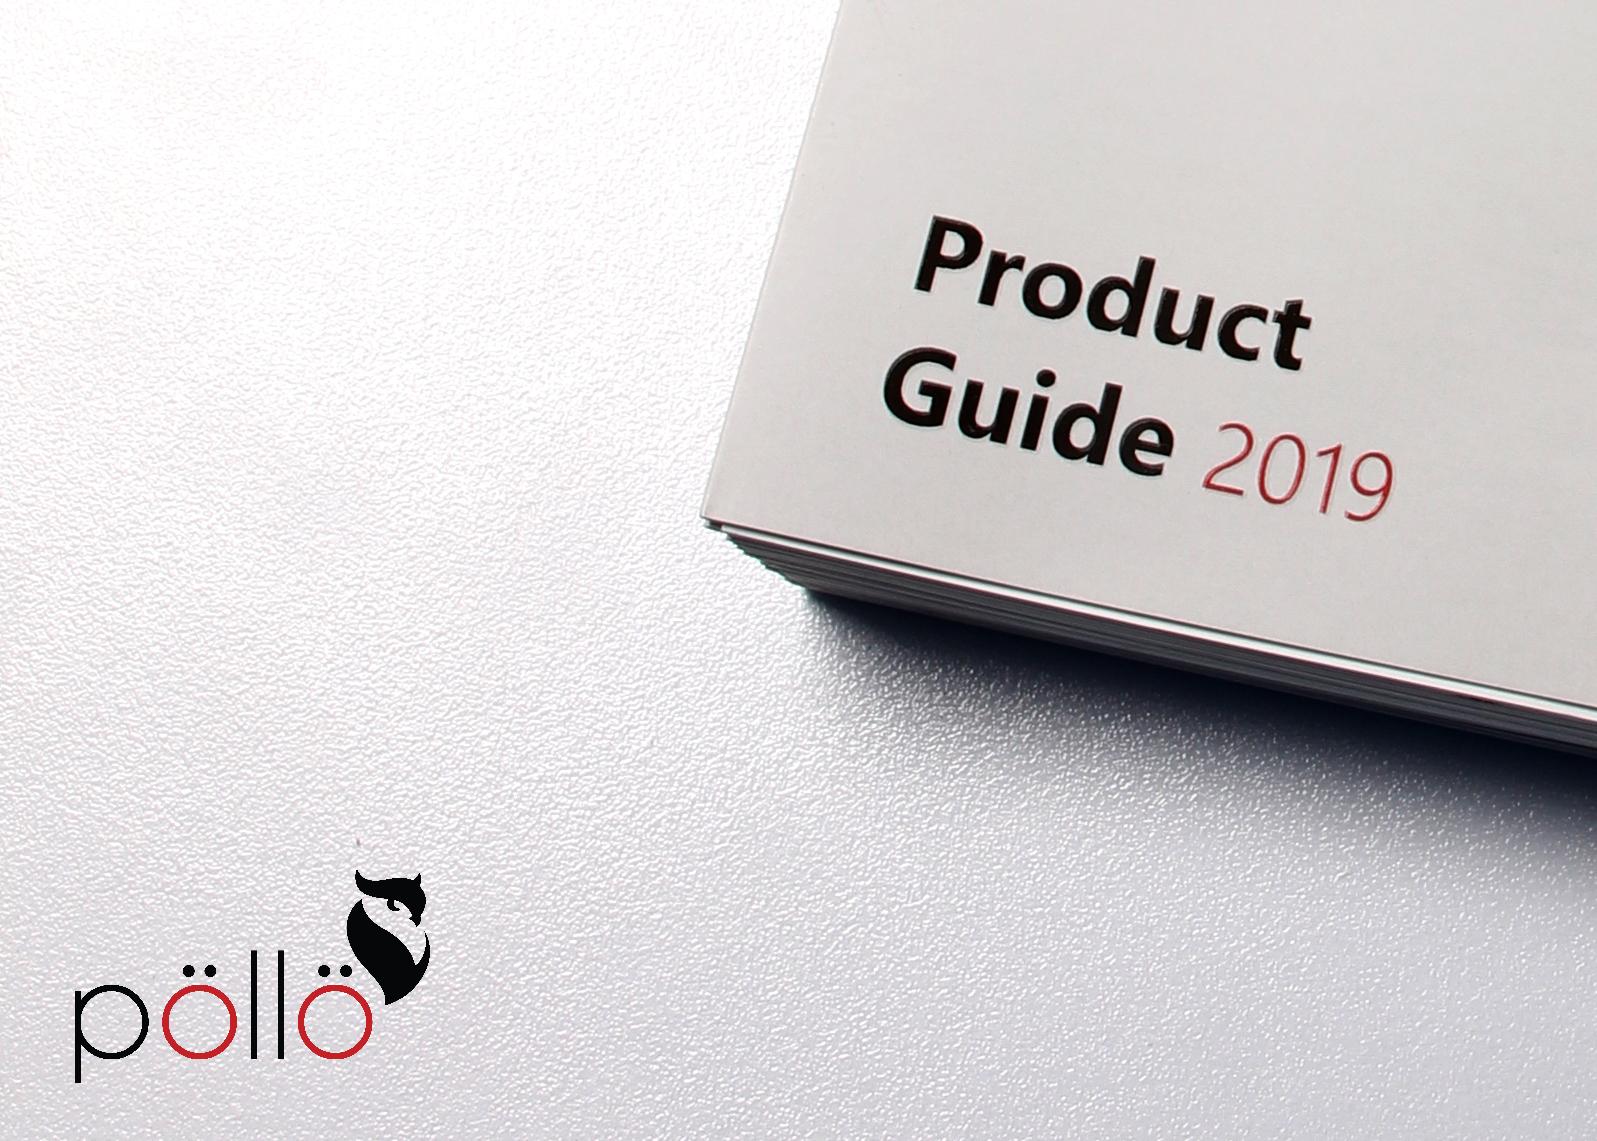 Pollo Product Guide 2019